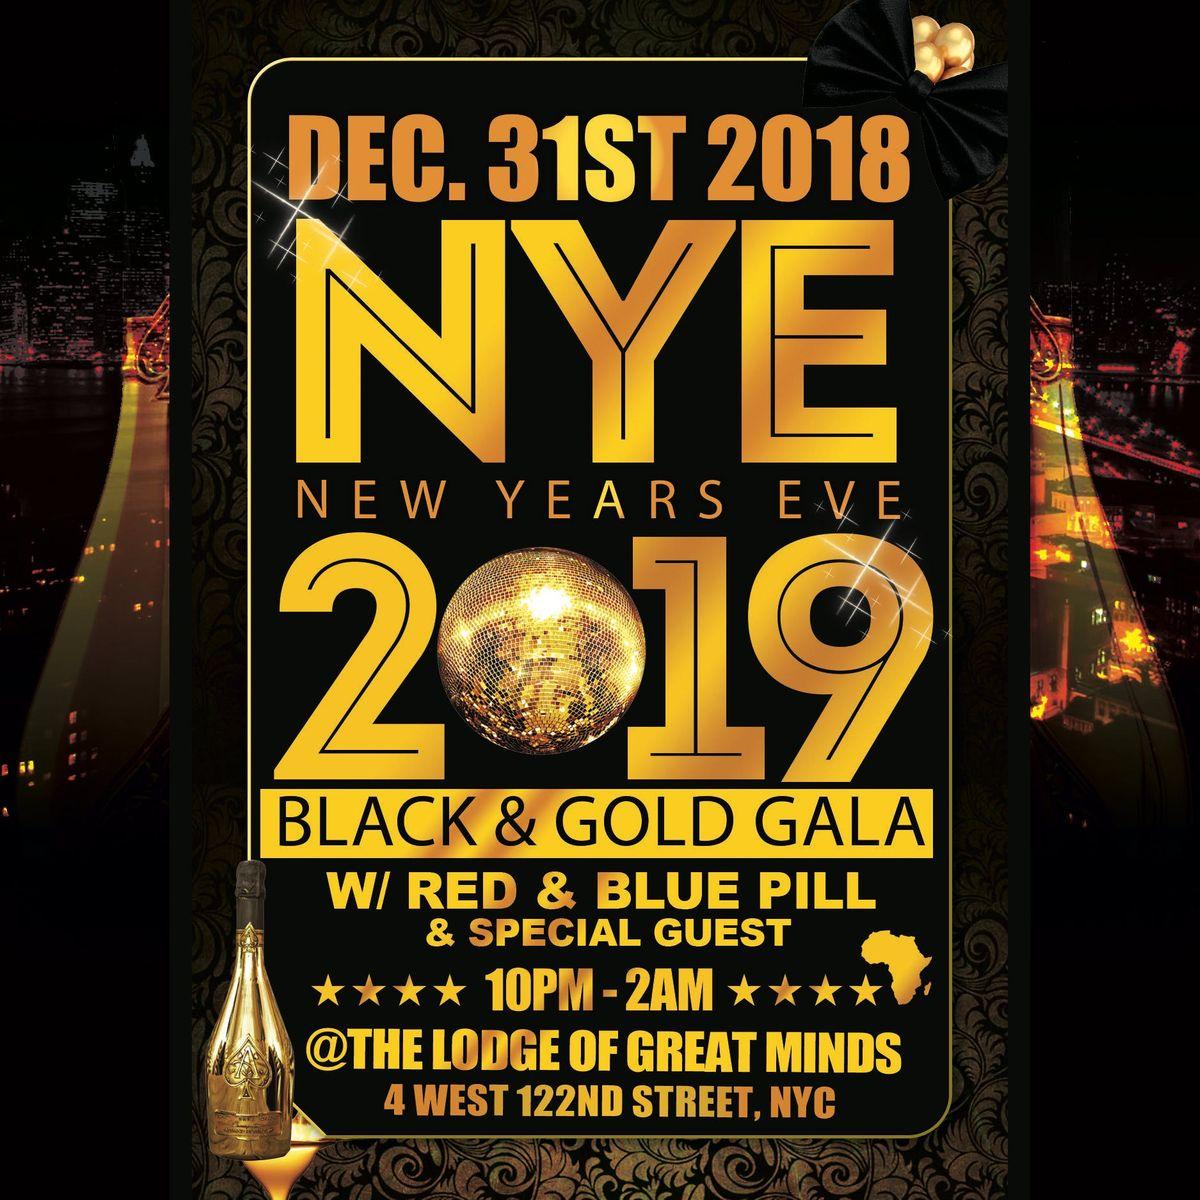 NYE BLACK & GOLD GALA wRED PILL BLUE PILL & FRIENDS